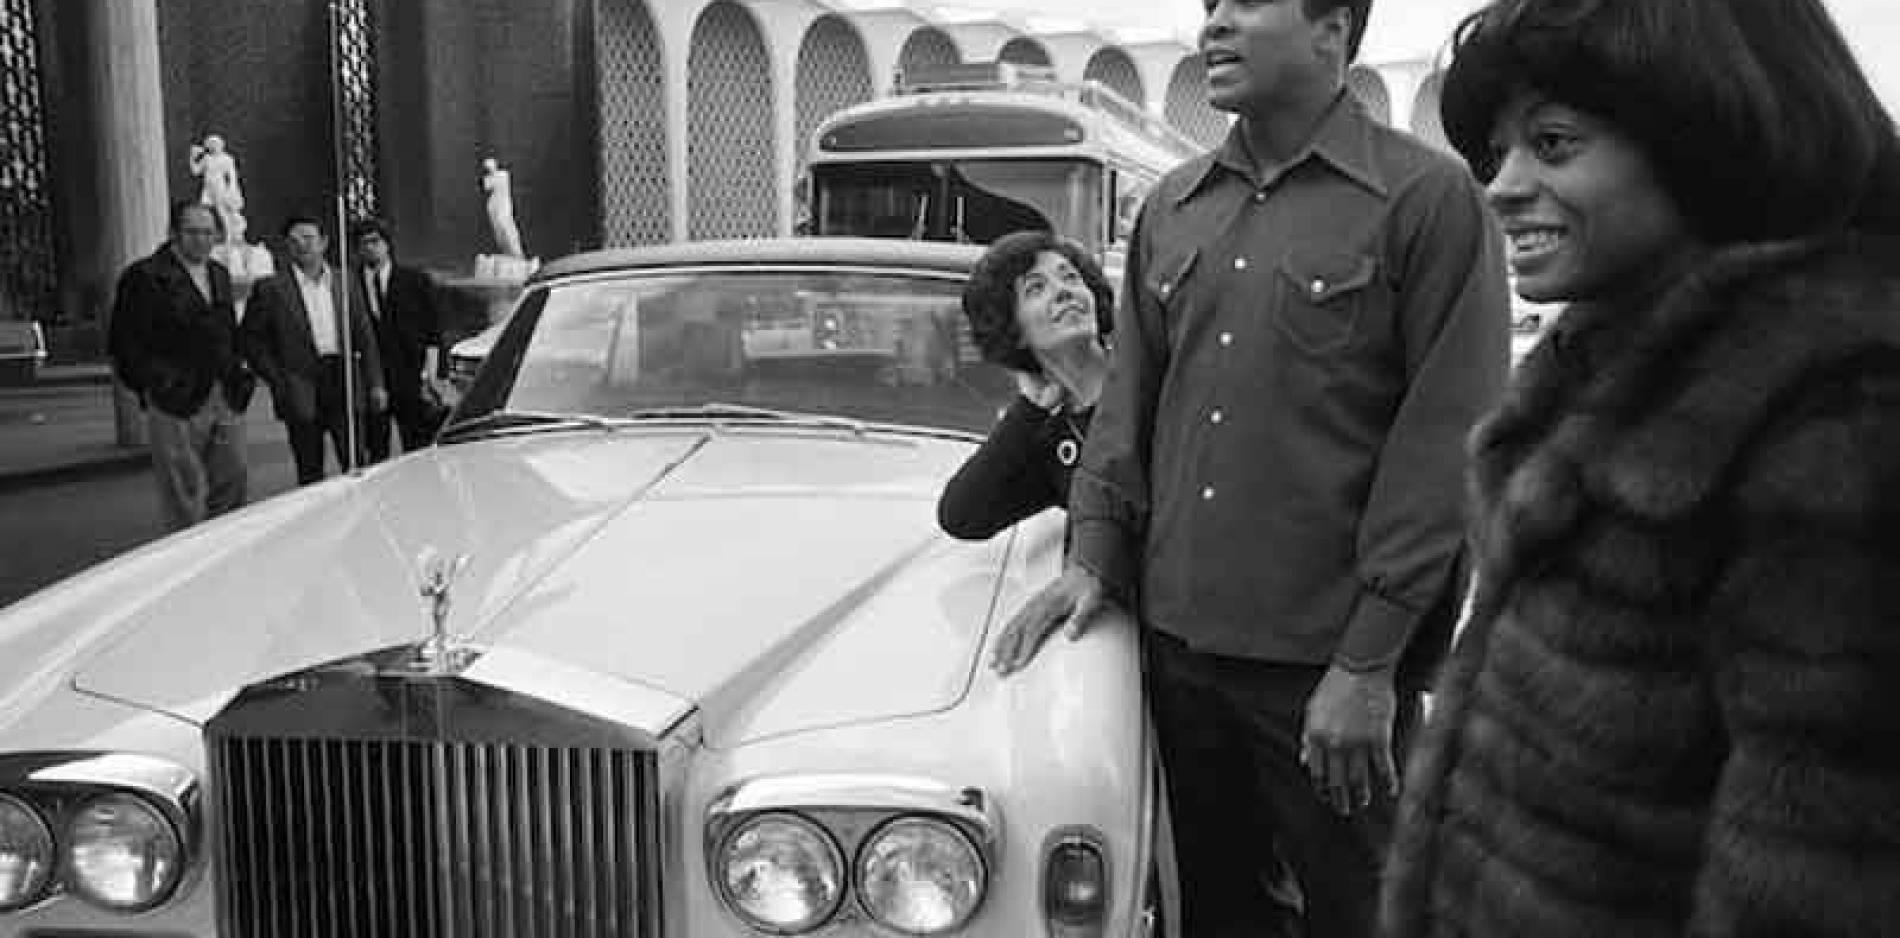 Sale a subasta un Rolls-Royce que perteneció a Muhammad Ali